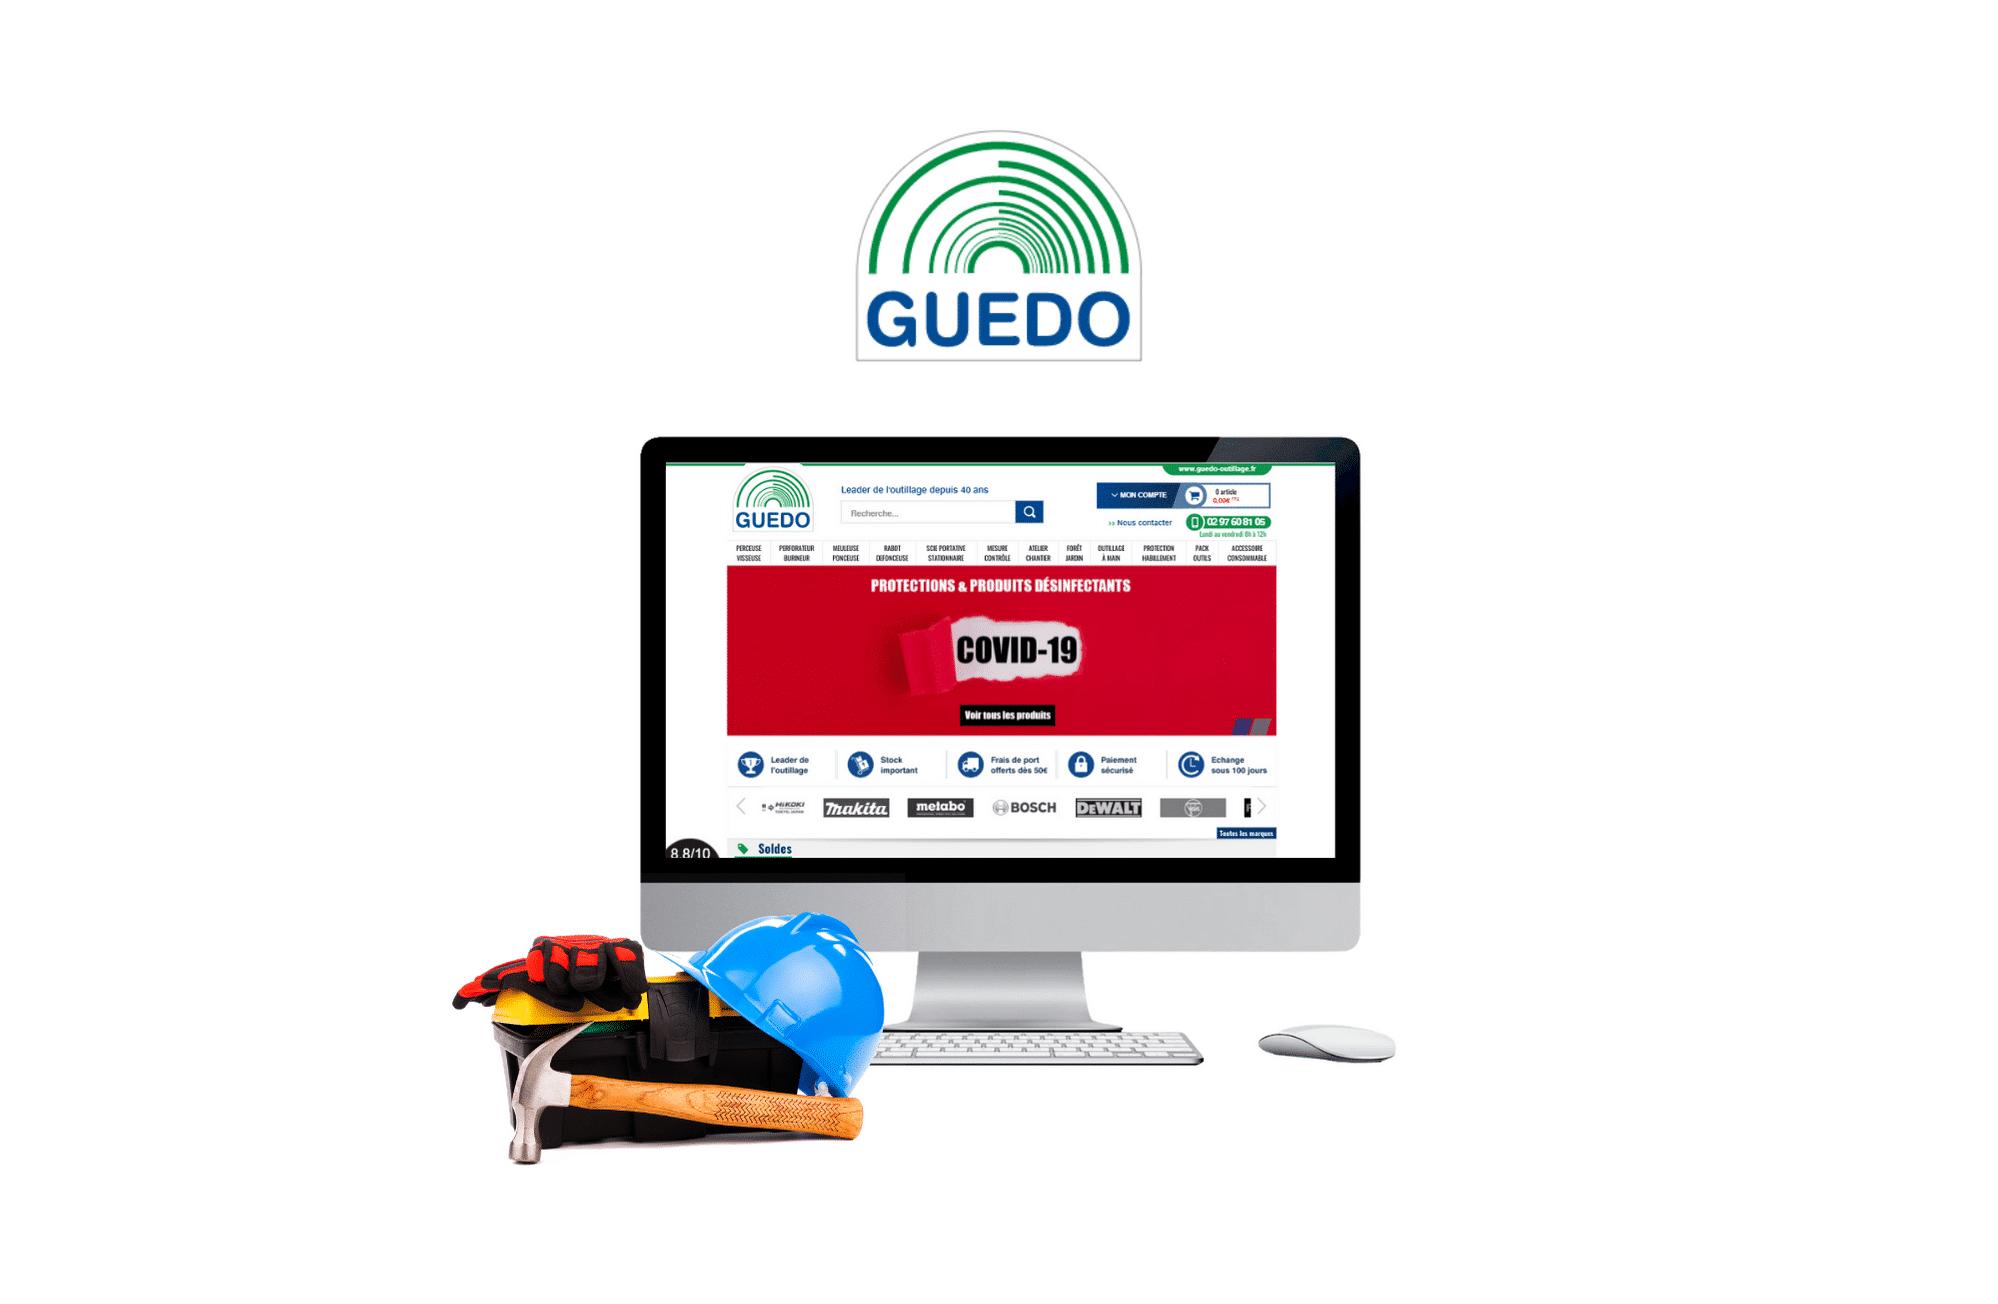 développement site web prestashop Guedo Outillage à nantes